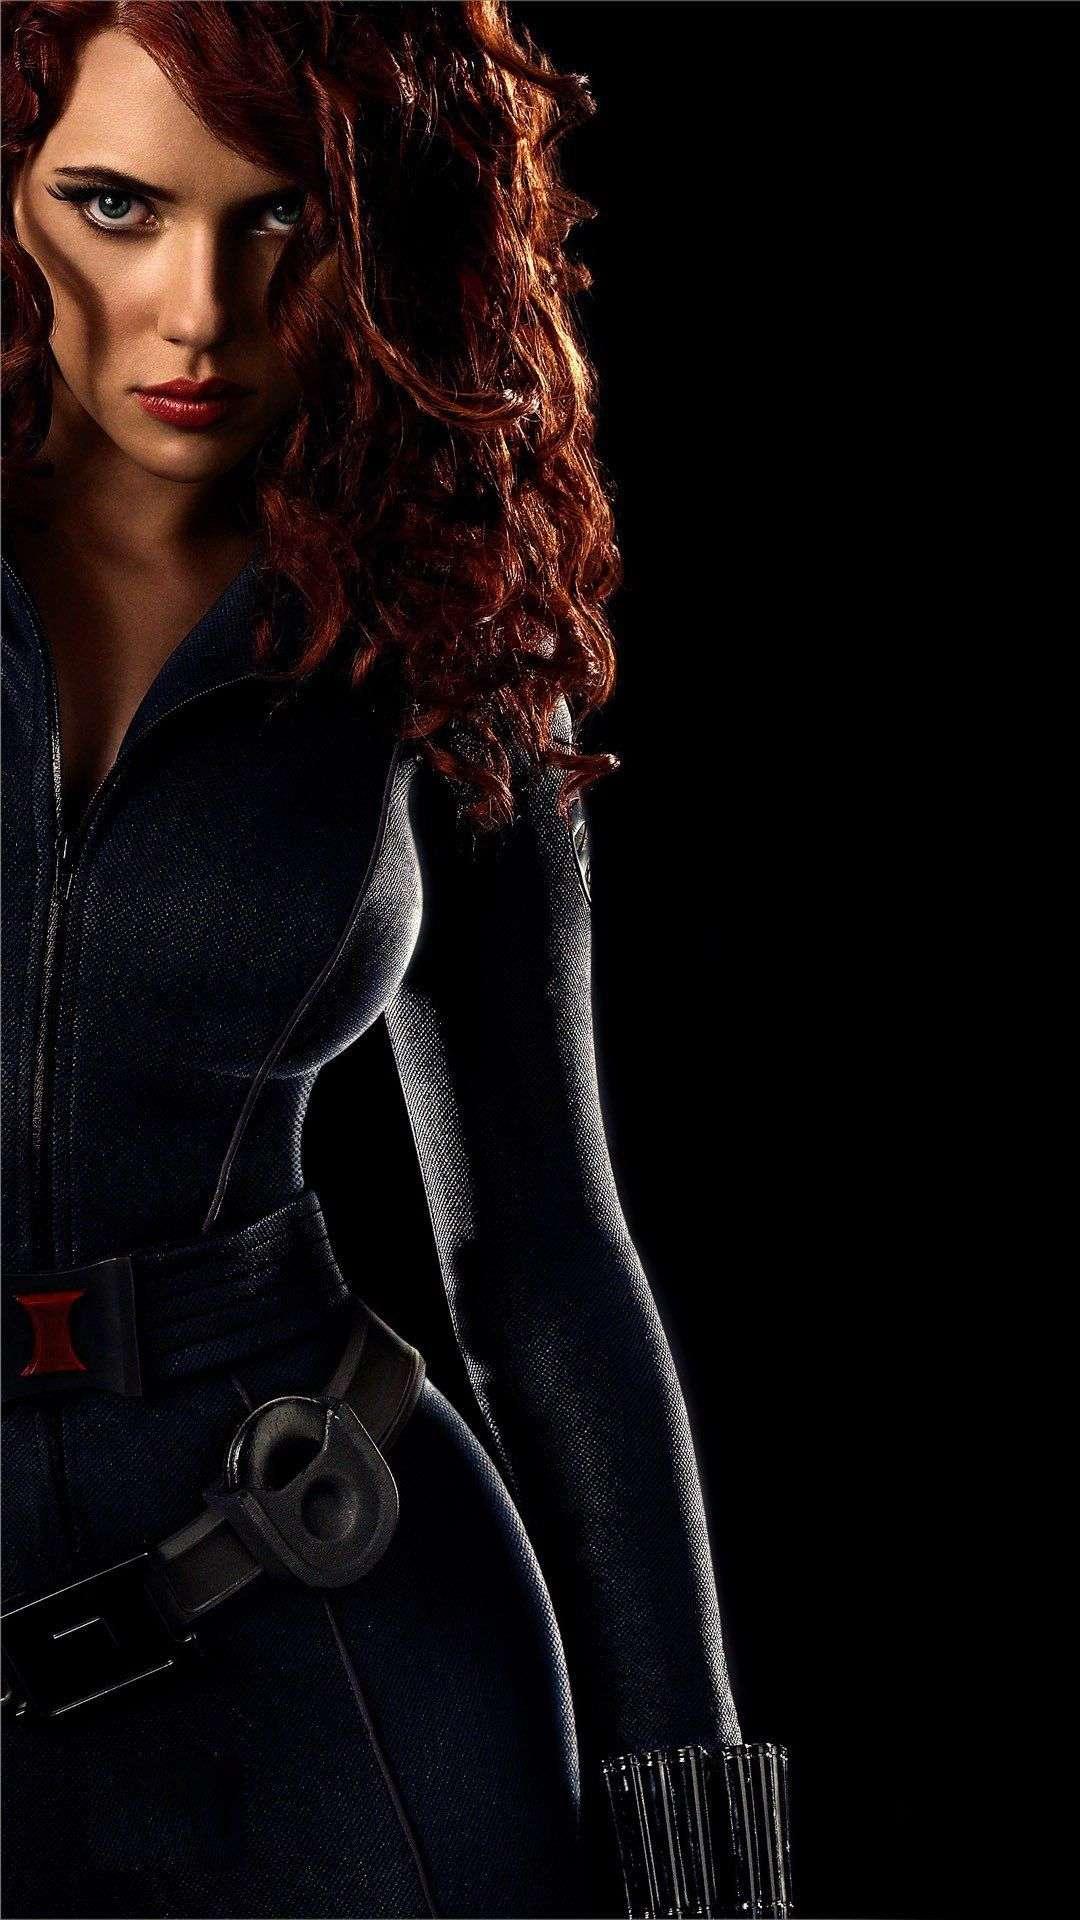 Black Widow Dark iPhone Wallpaper